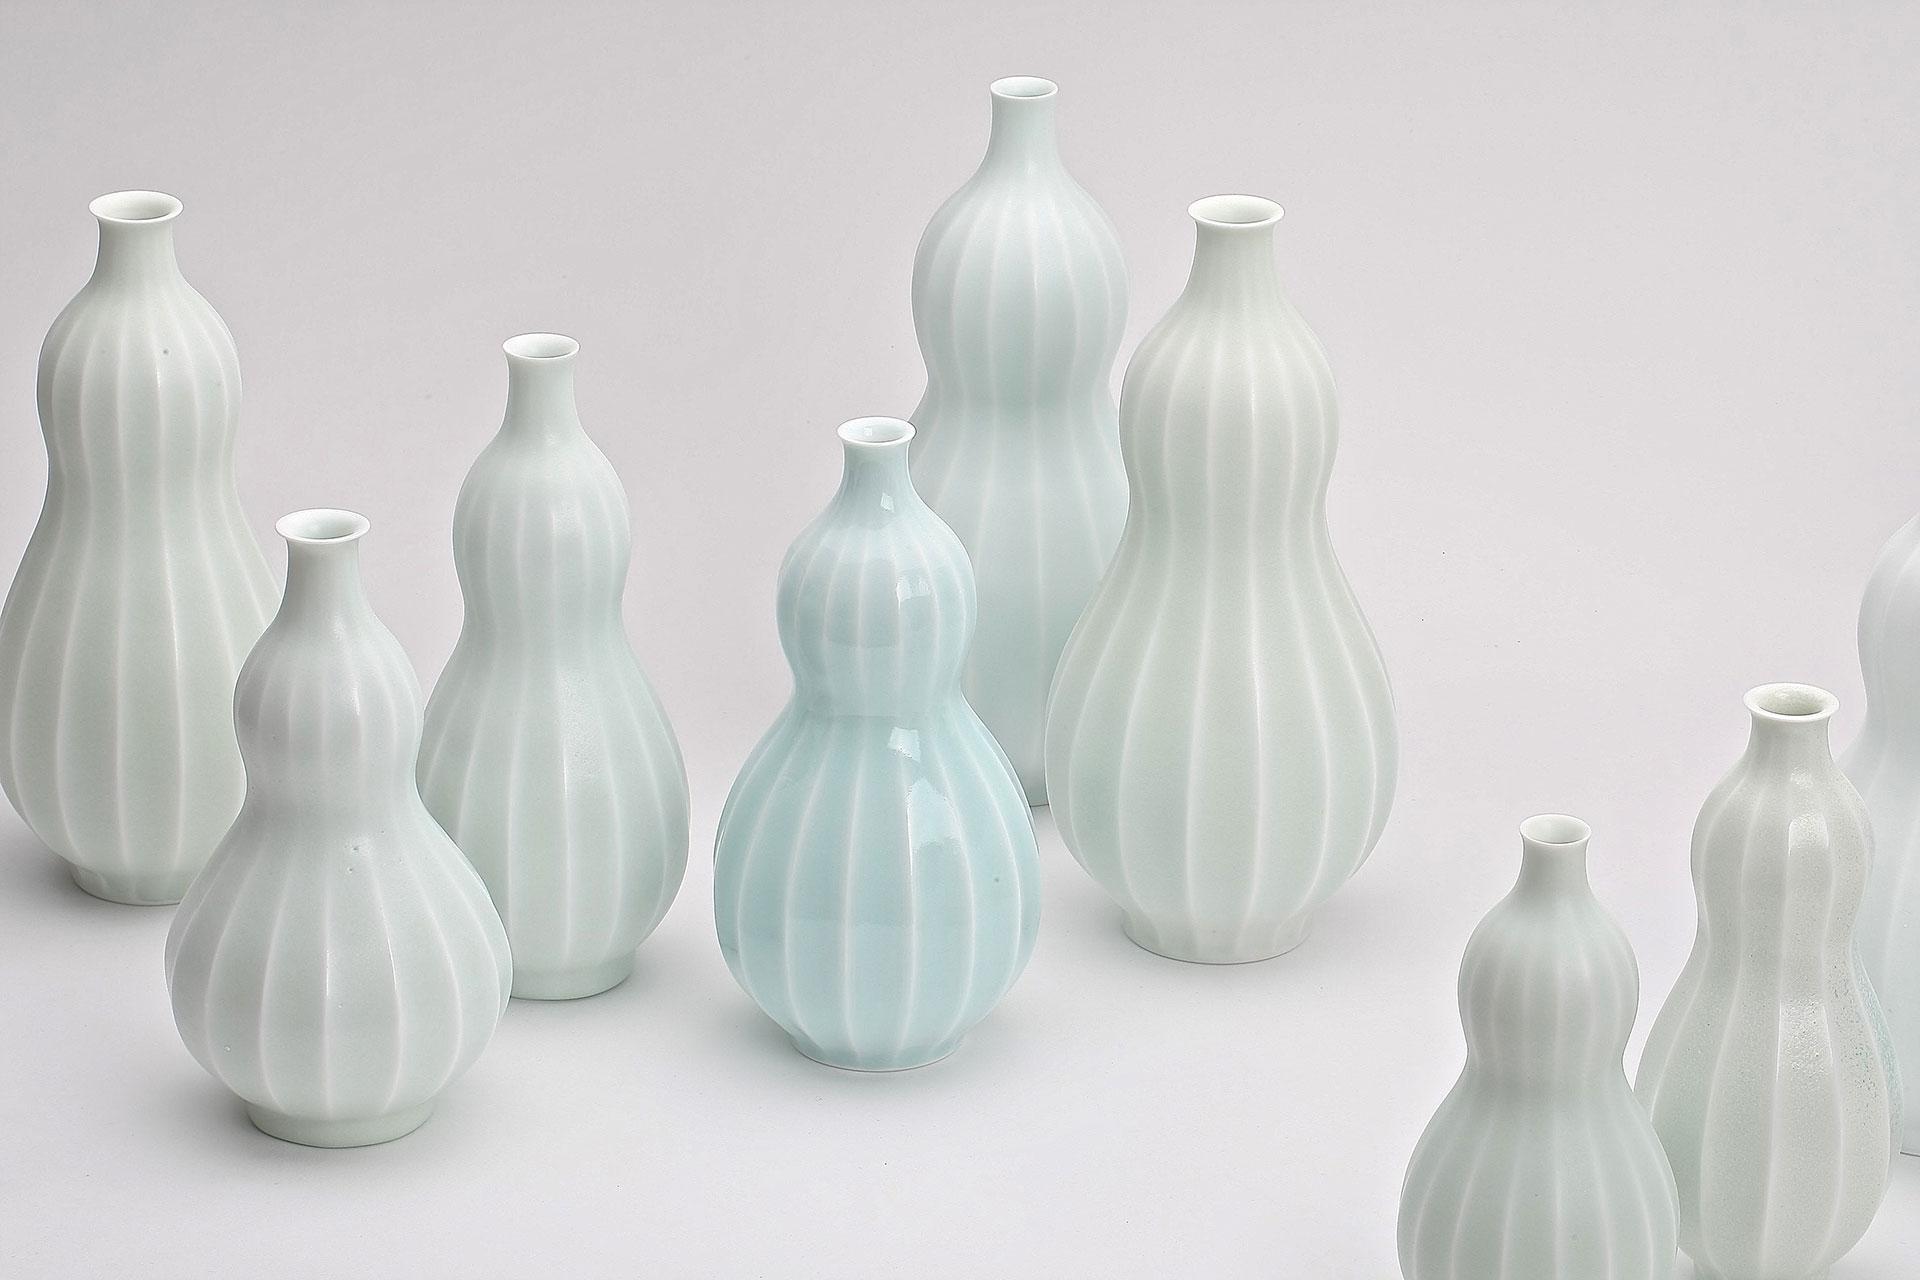 Seohee Park, Südkorea, Flaschenvasen. Porzellan, gedreht, geschnitten